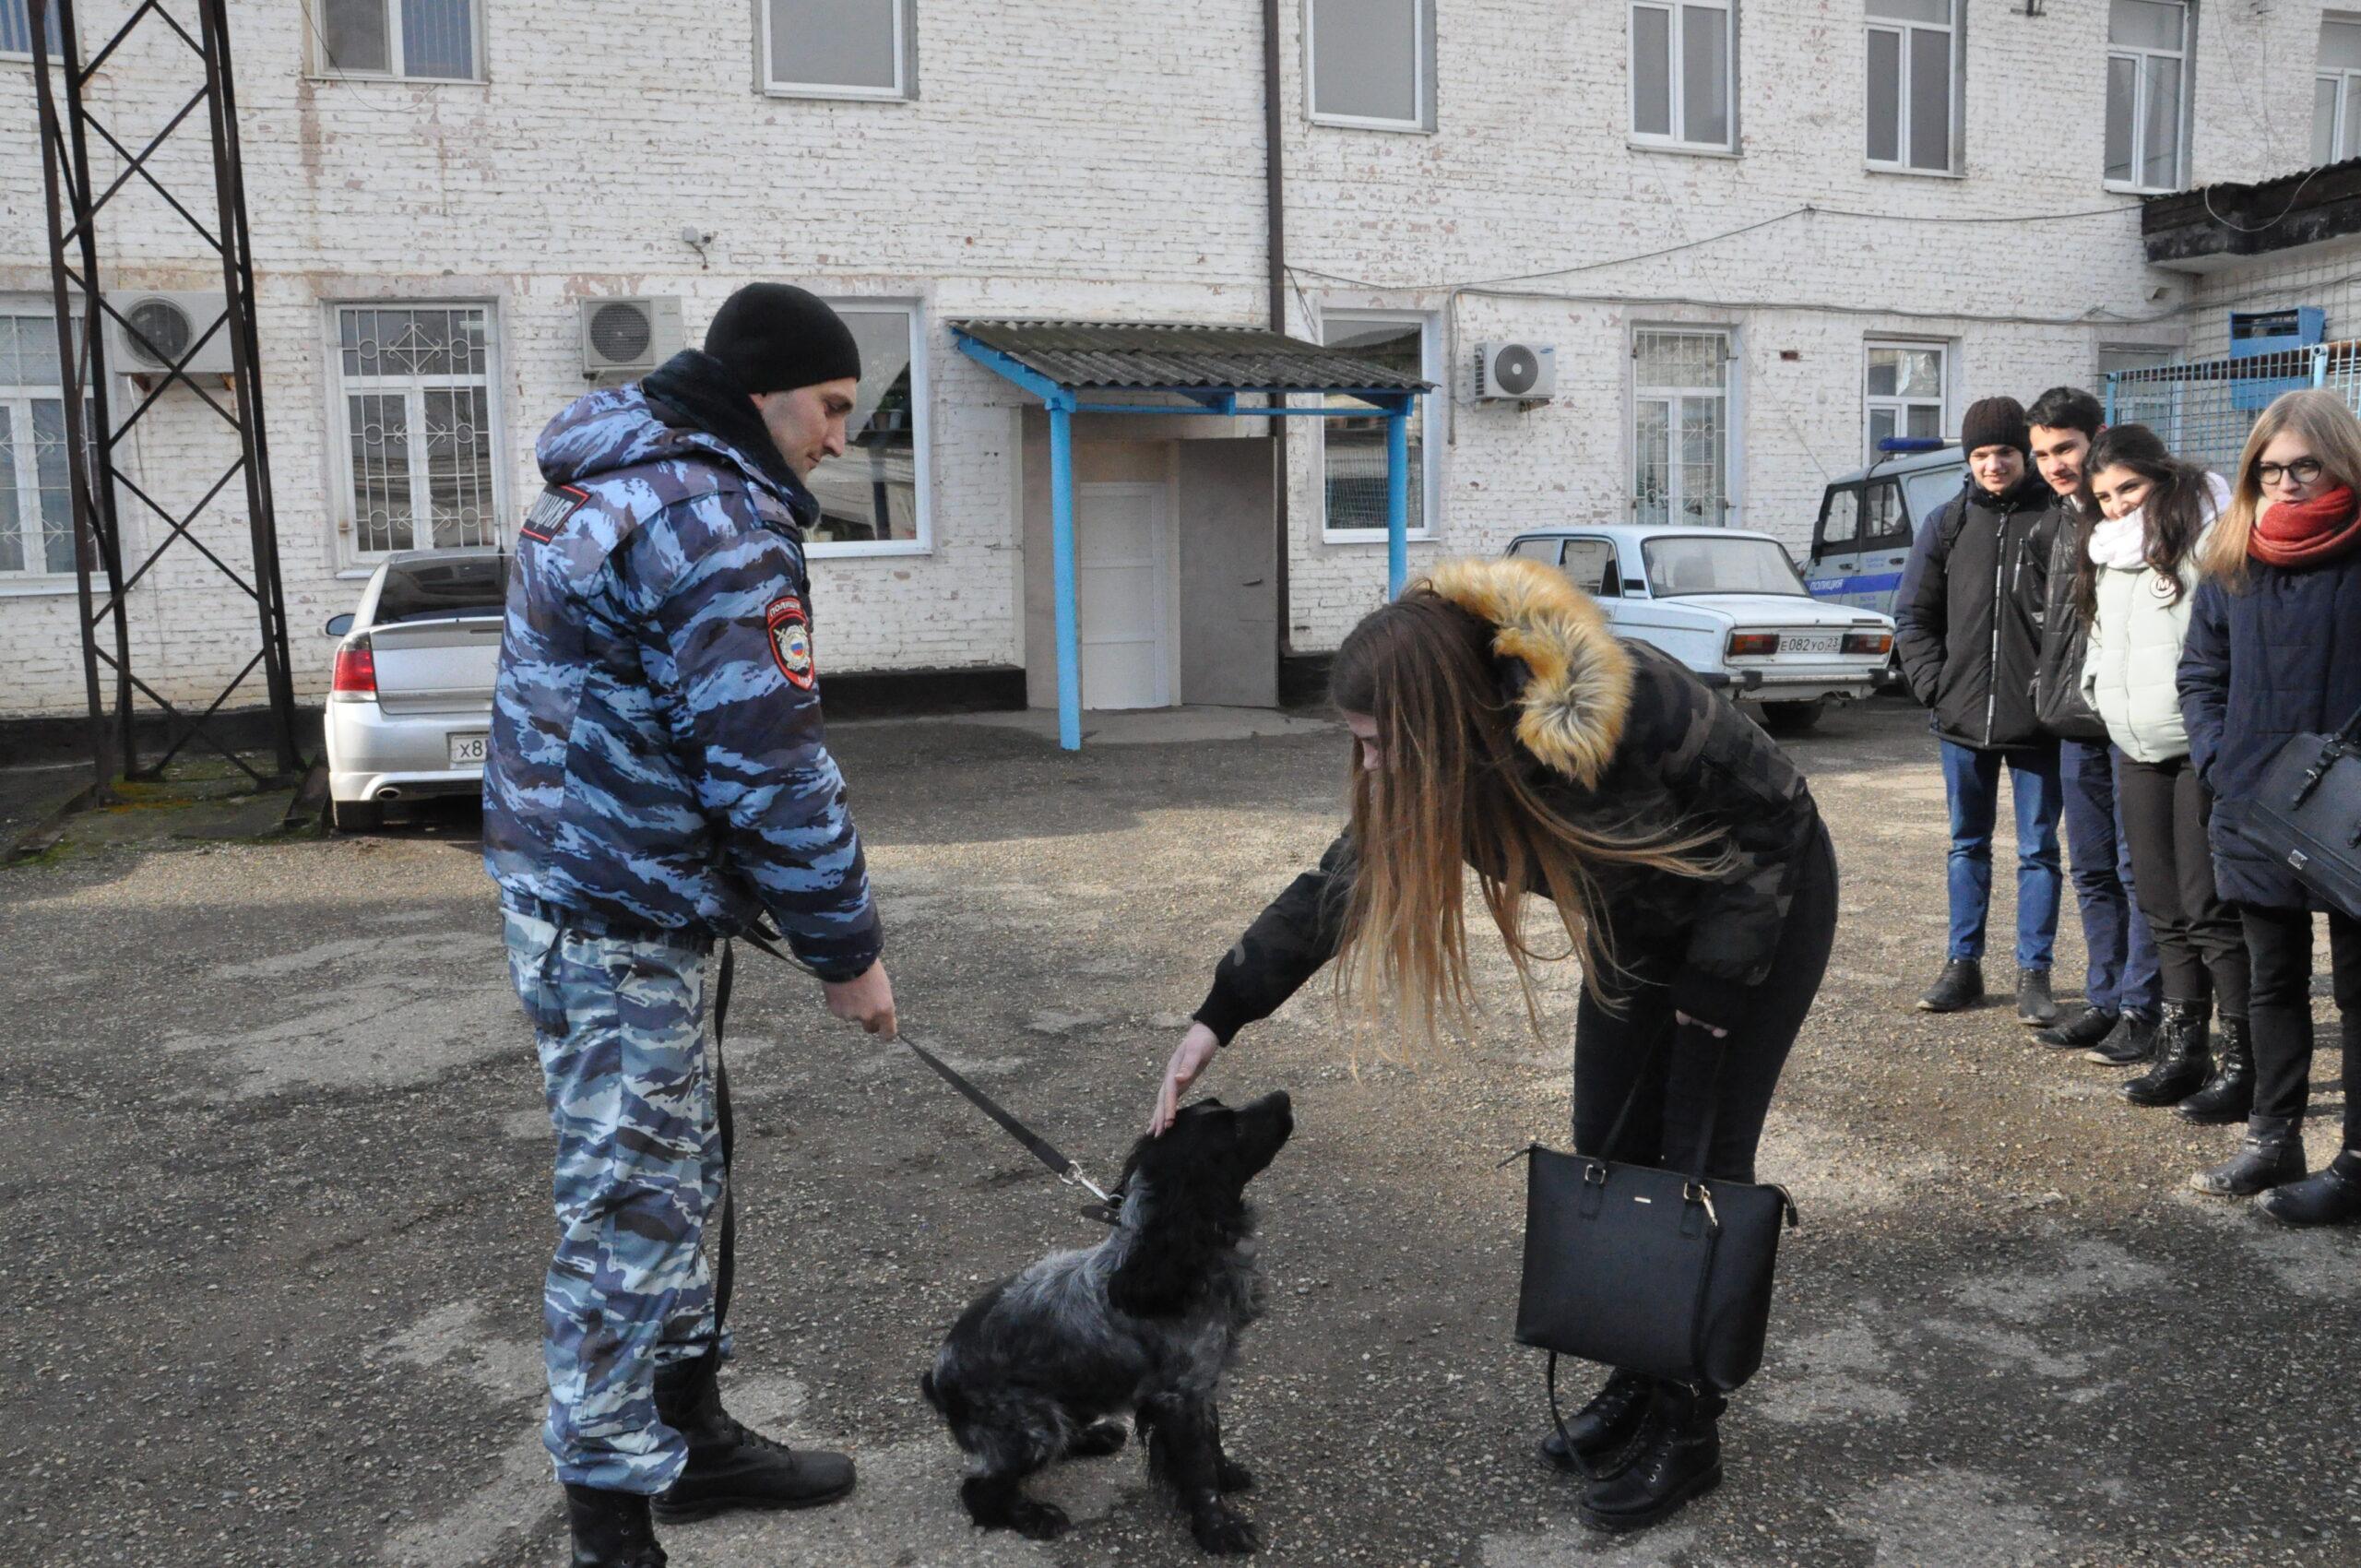 Абинские полицейские и общественники приняли участие во всероссийской акции «Студенческий десант»